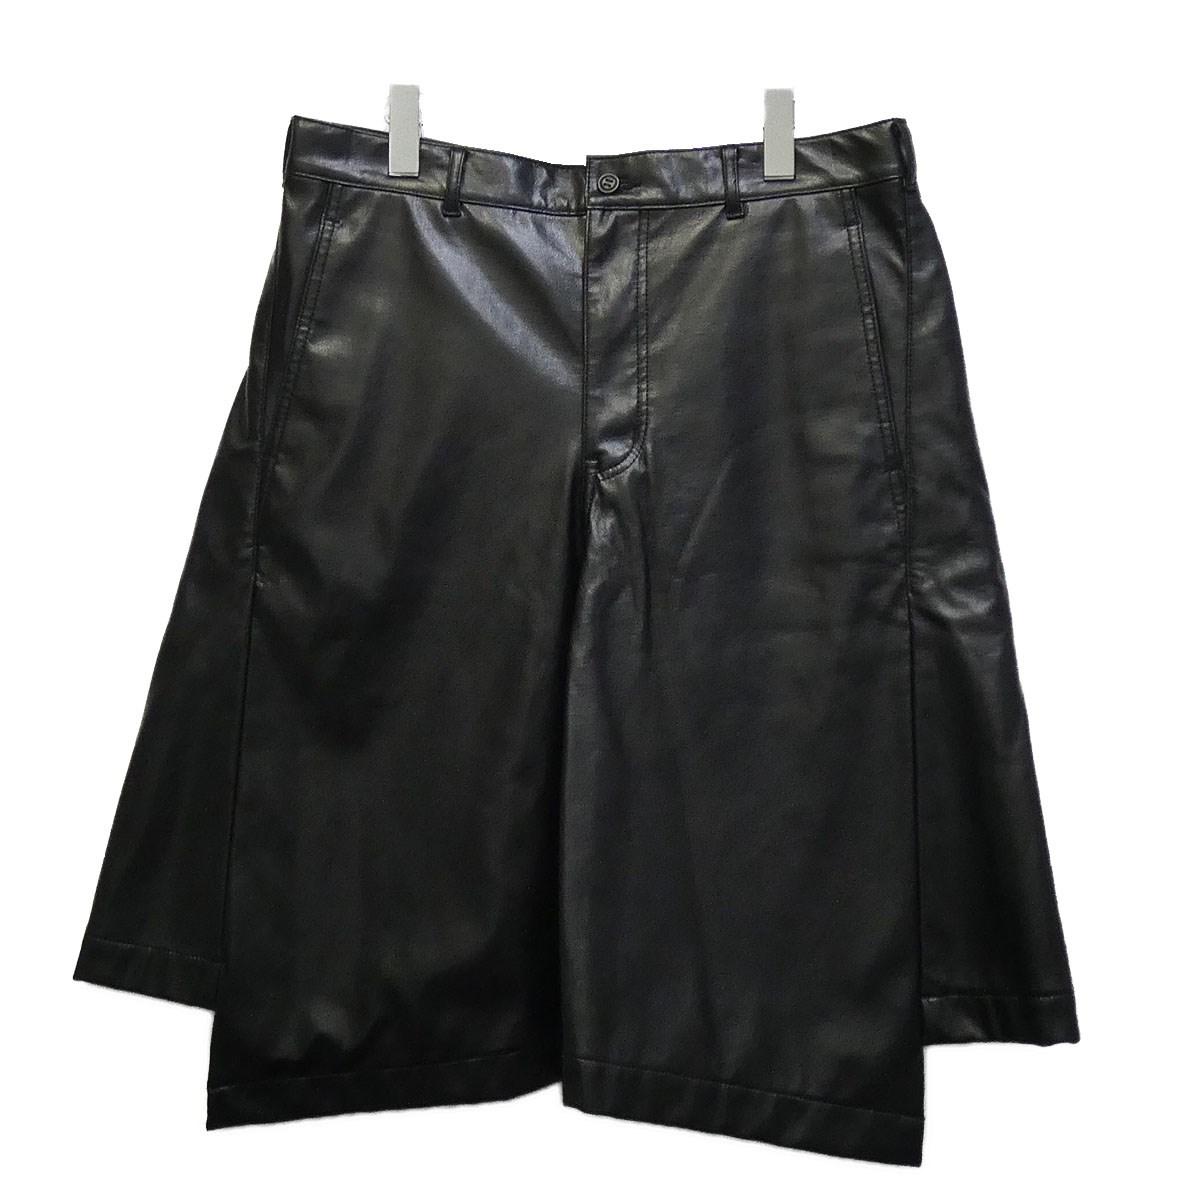 【中古】COMME des GARCONS HOMME PLUS 16AW フェイクレザーショーツ ブラック サイズ:M 【010720】(コムデギャルソンオムプリュス)